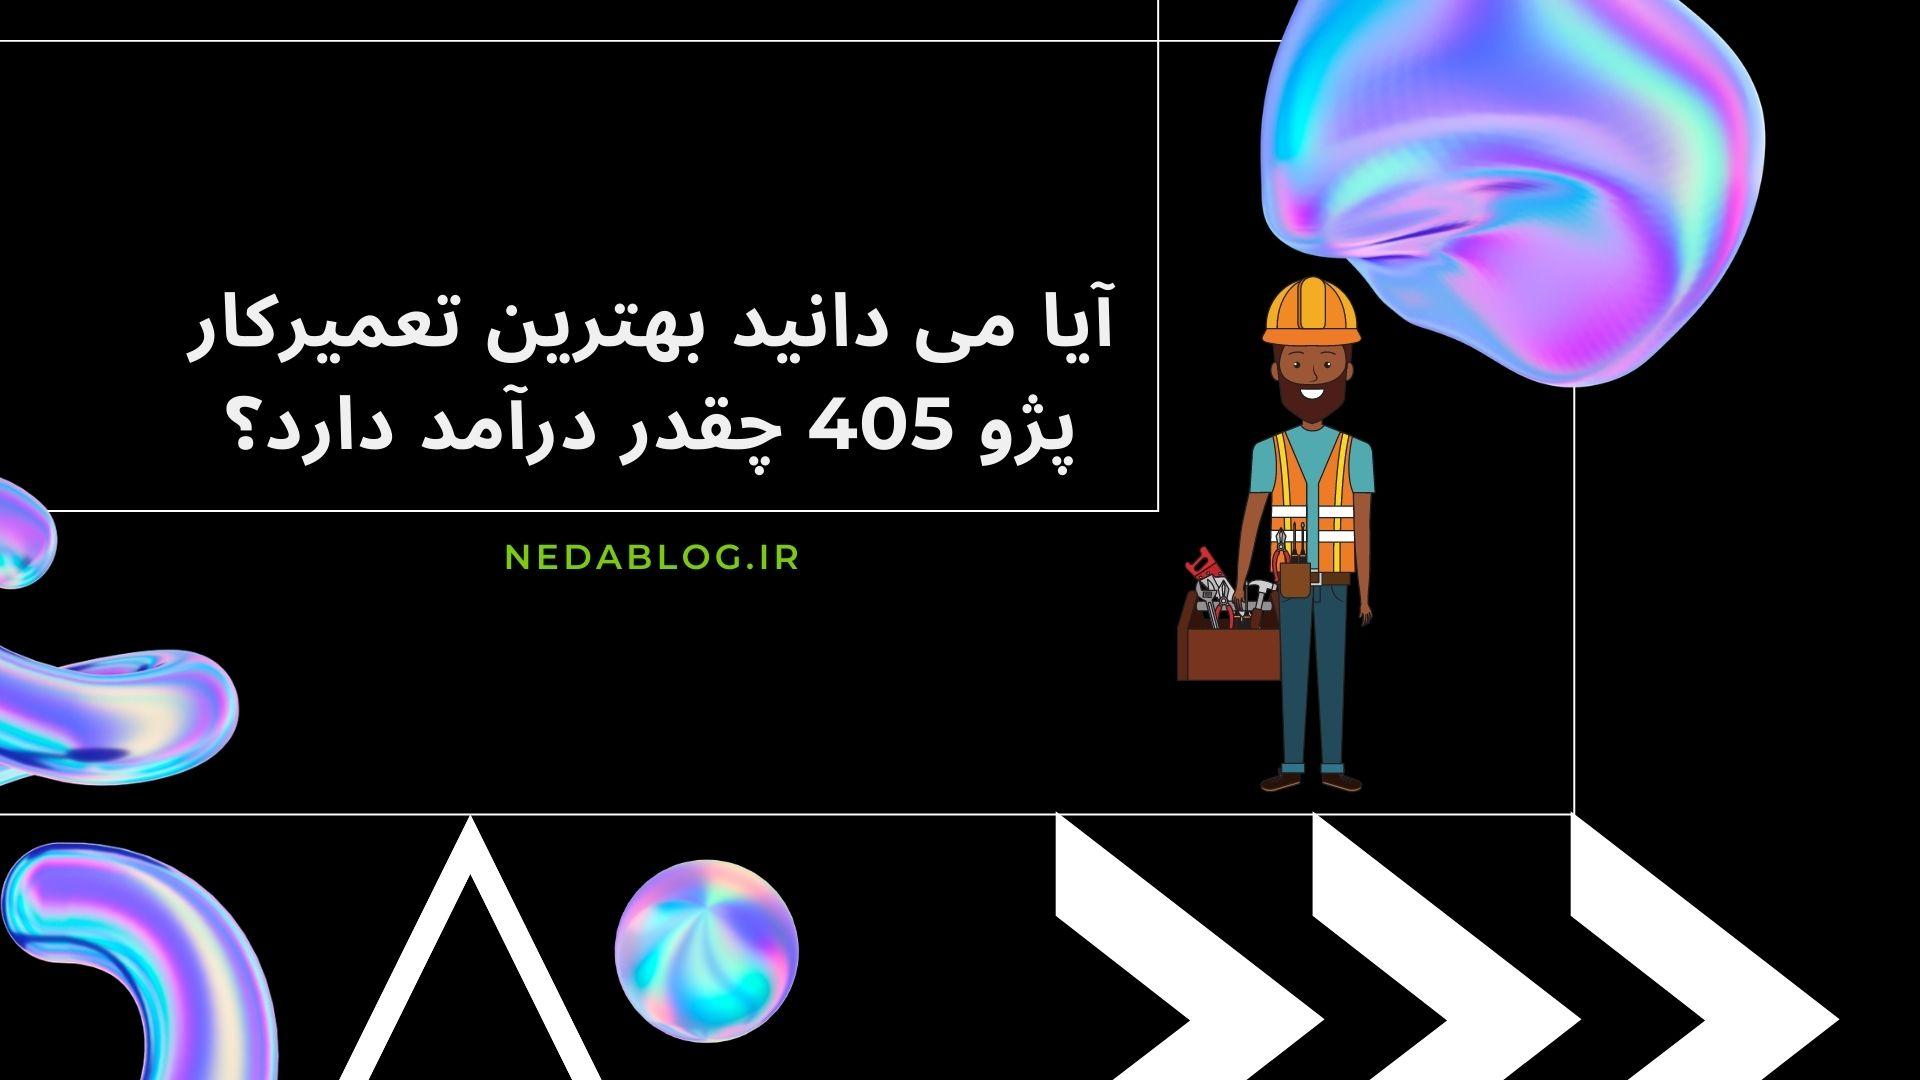 آیا می دانید بهترین تعمیرکار پژو 405 چقدر درآمد دارد؟